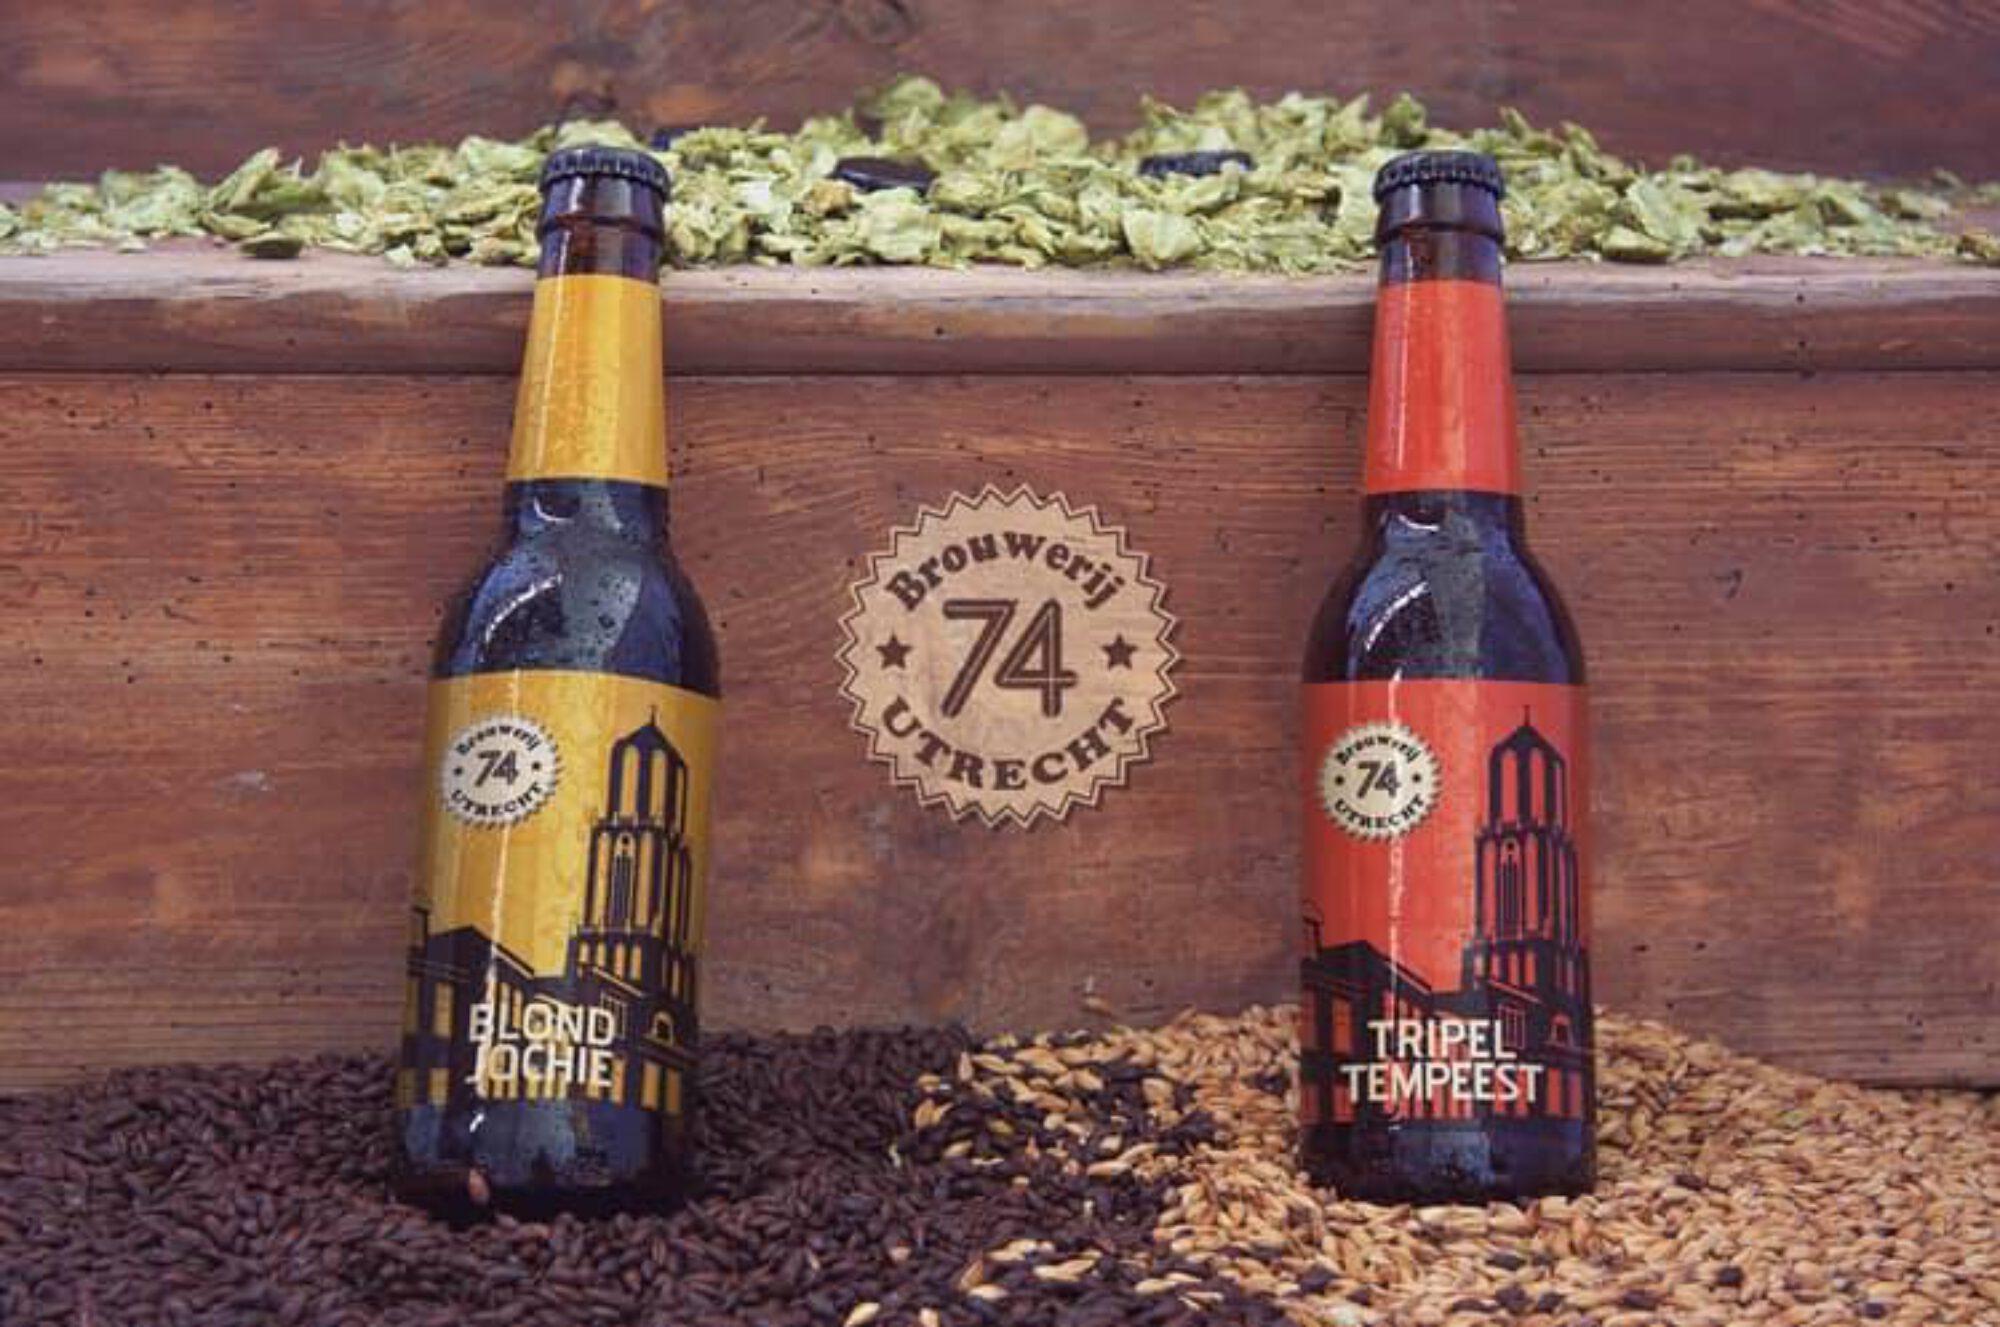 Brouwerij 74